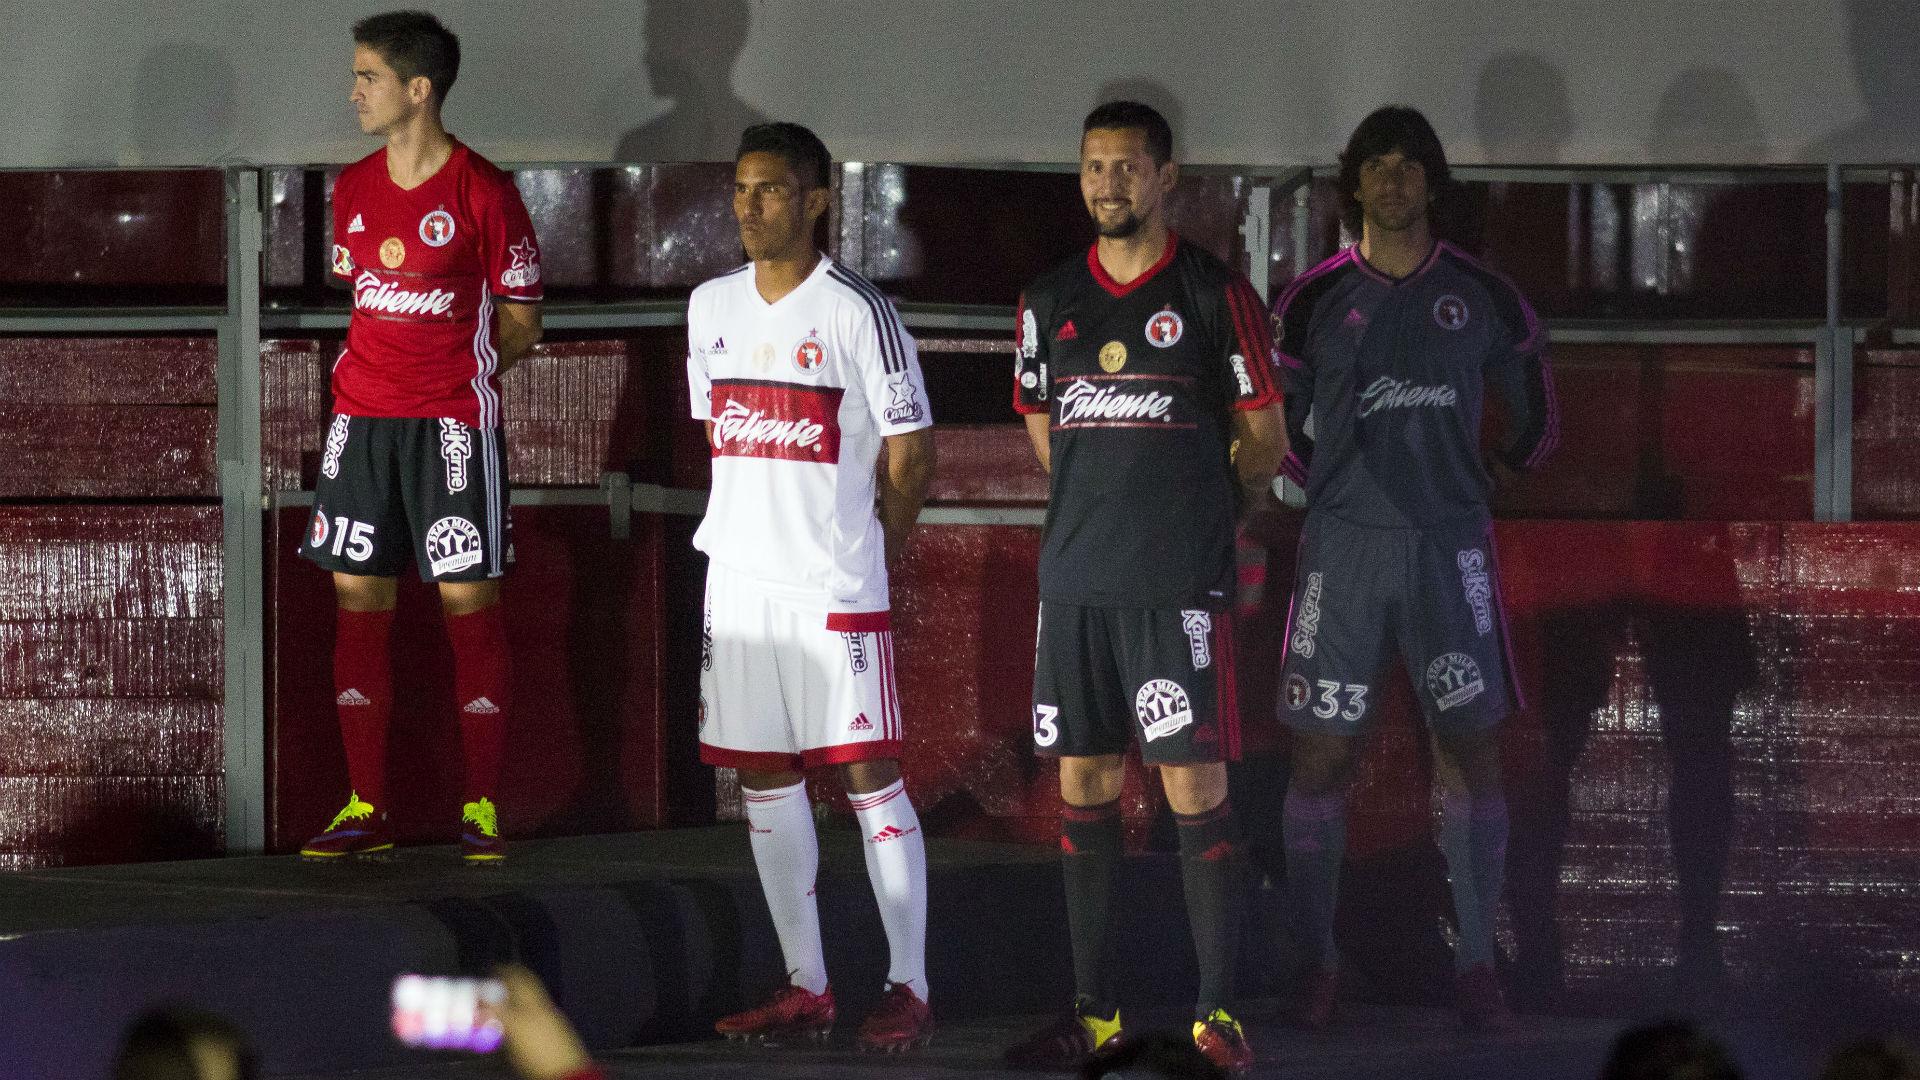 Los uniformes del Clausura 2017 - Goal.com